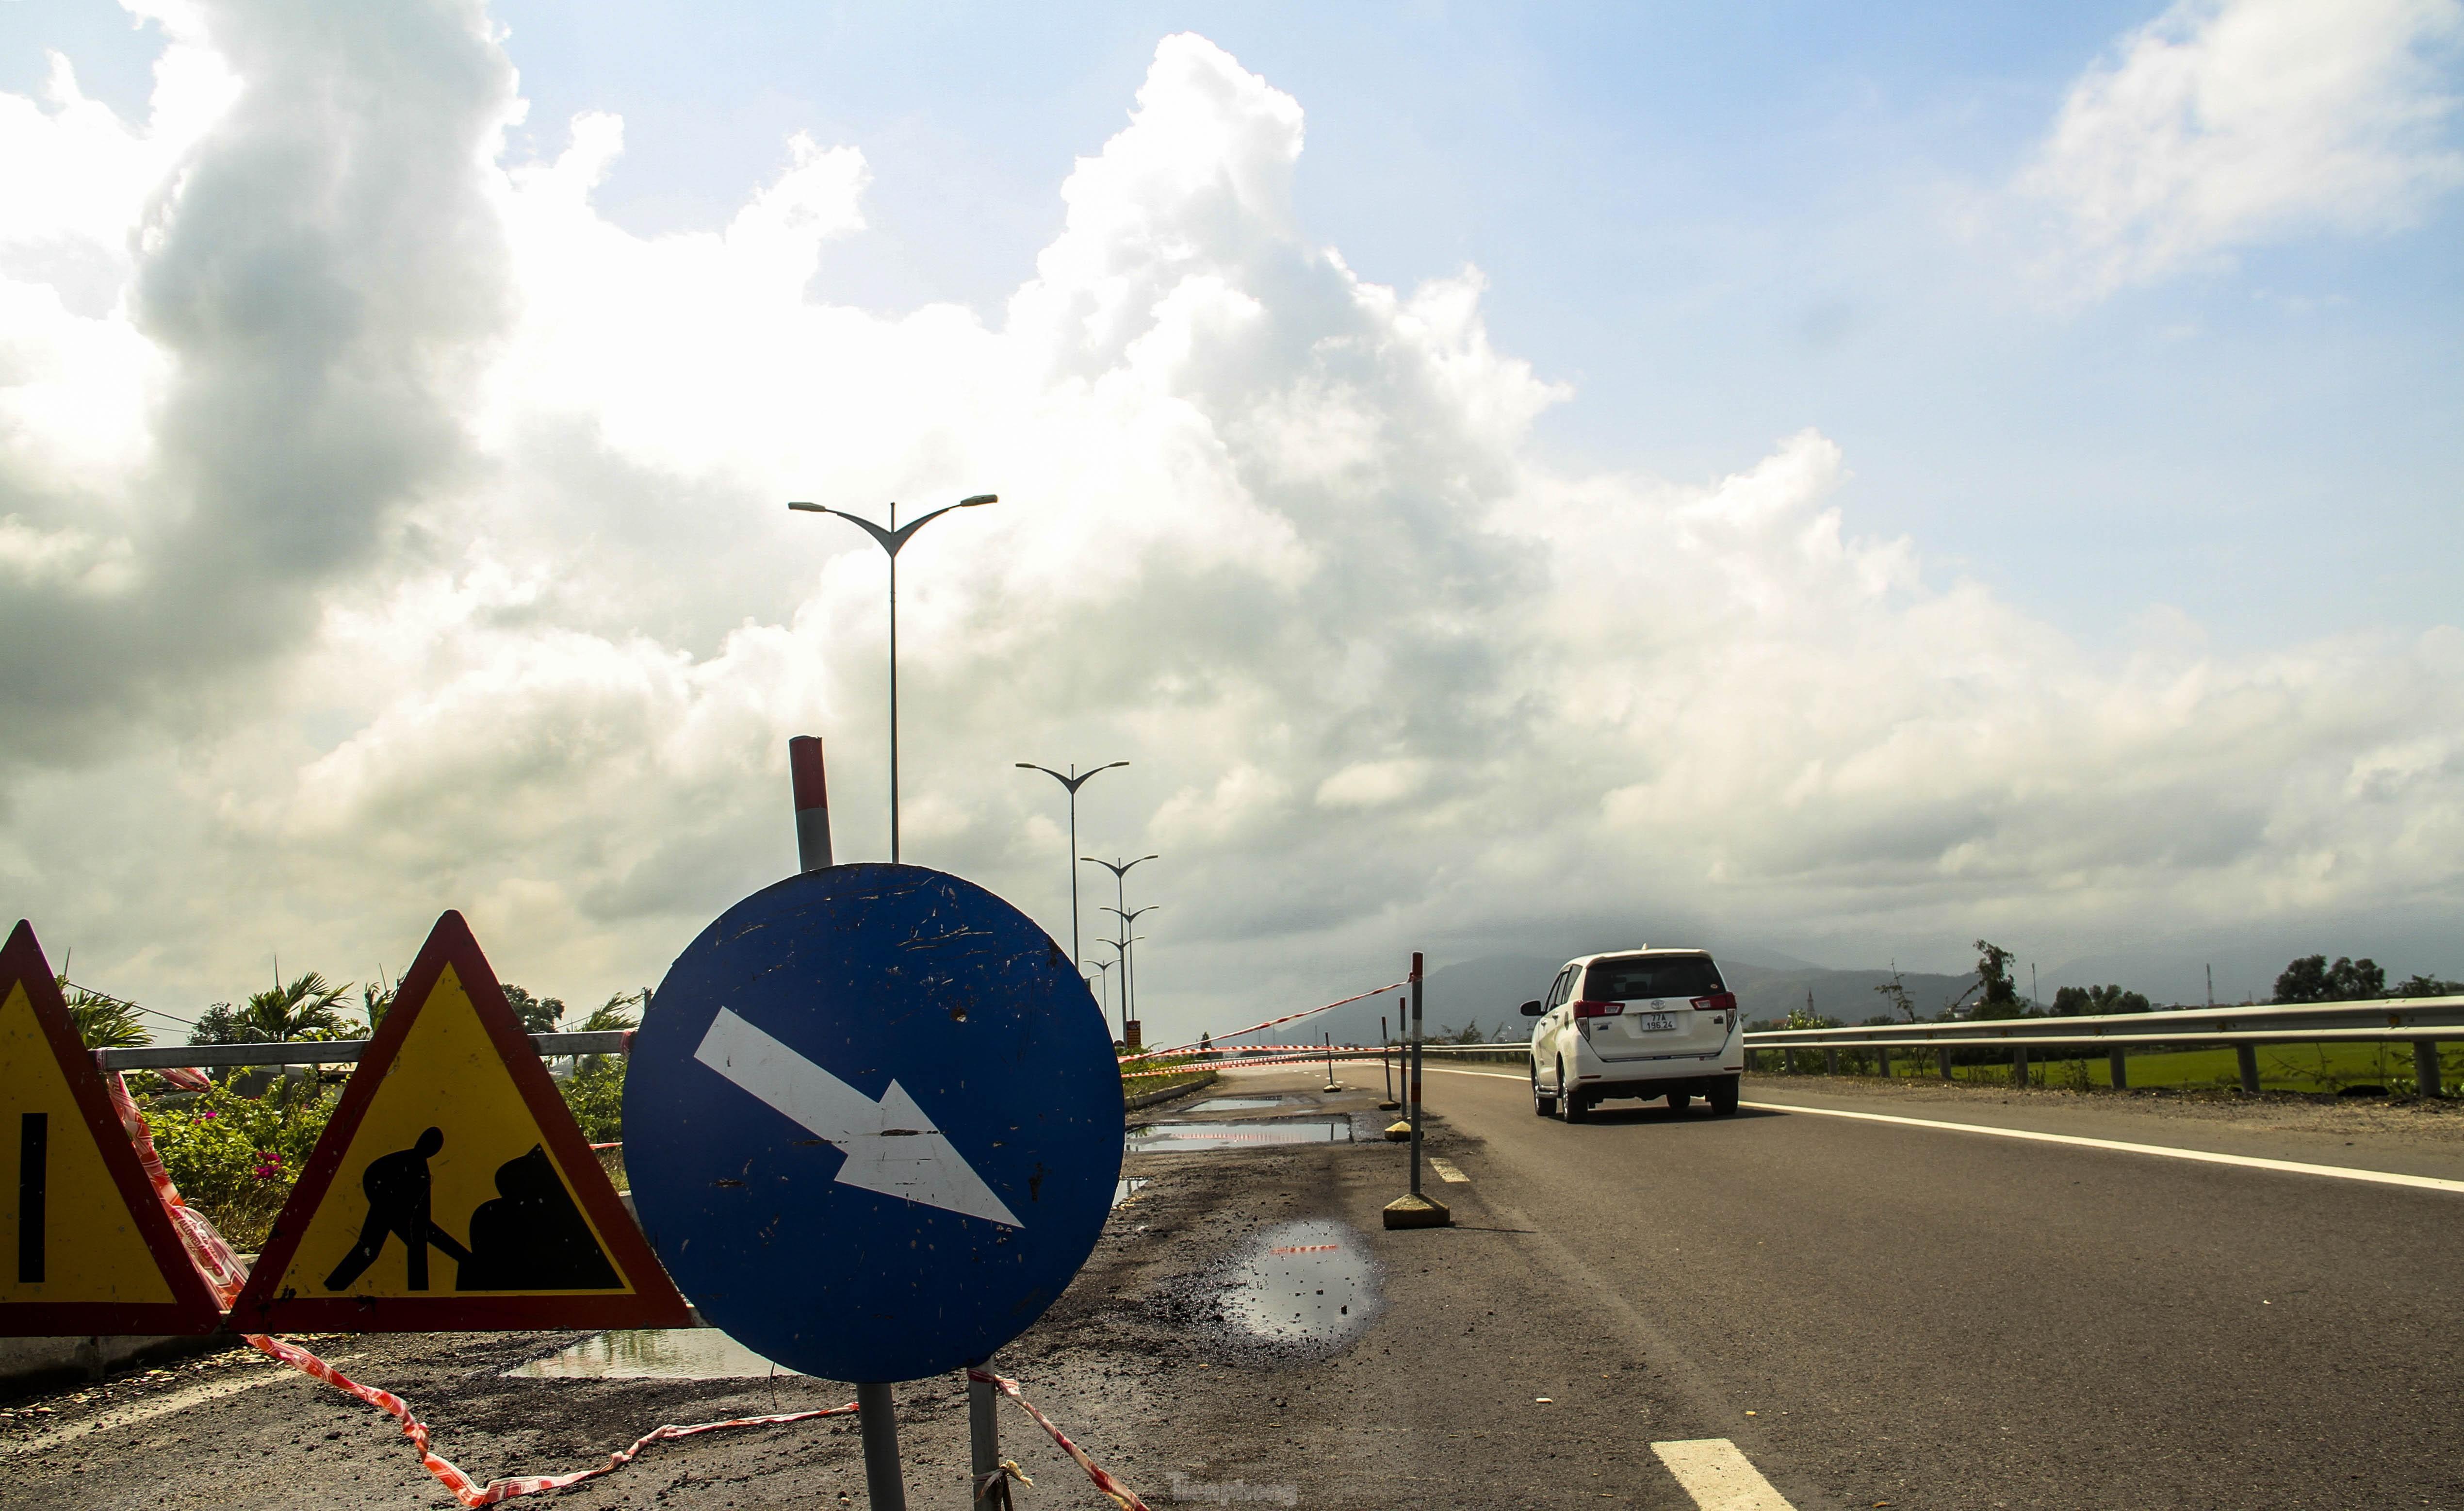 Quốc lộ nghìn tỷ vừa thông xe đã hư hỏng: Phê bình, kiểm điểm chủ đầu tư, nhà thầu Ảnh 2